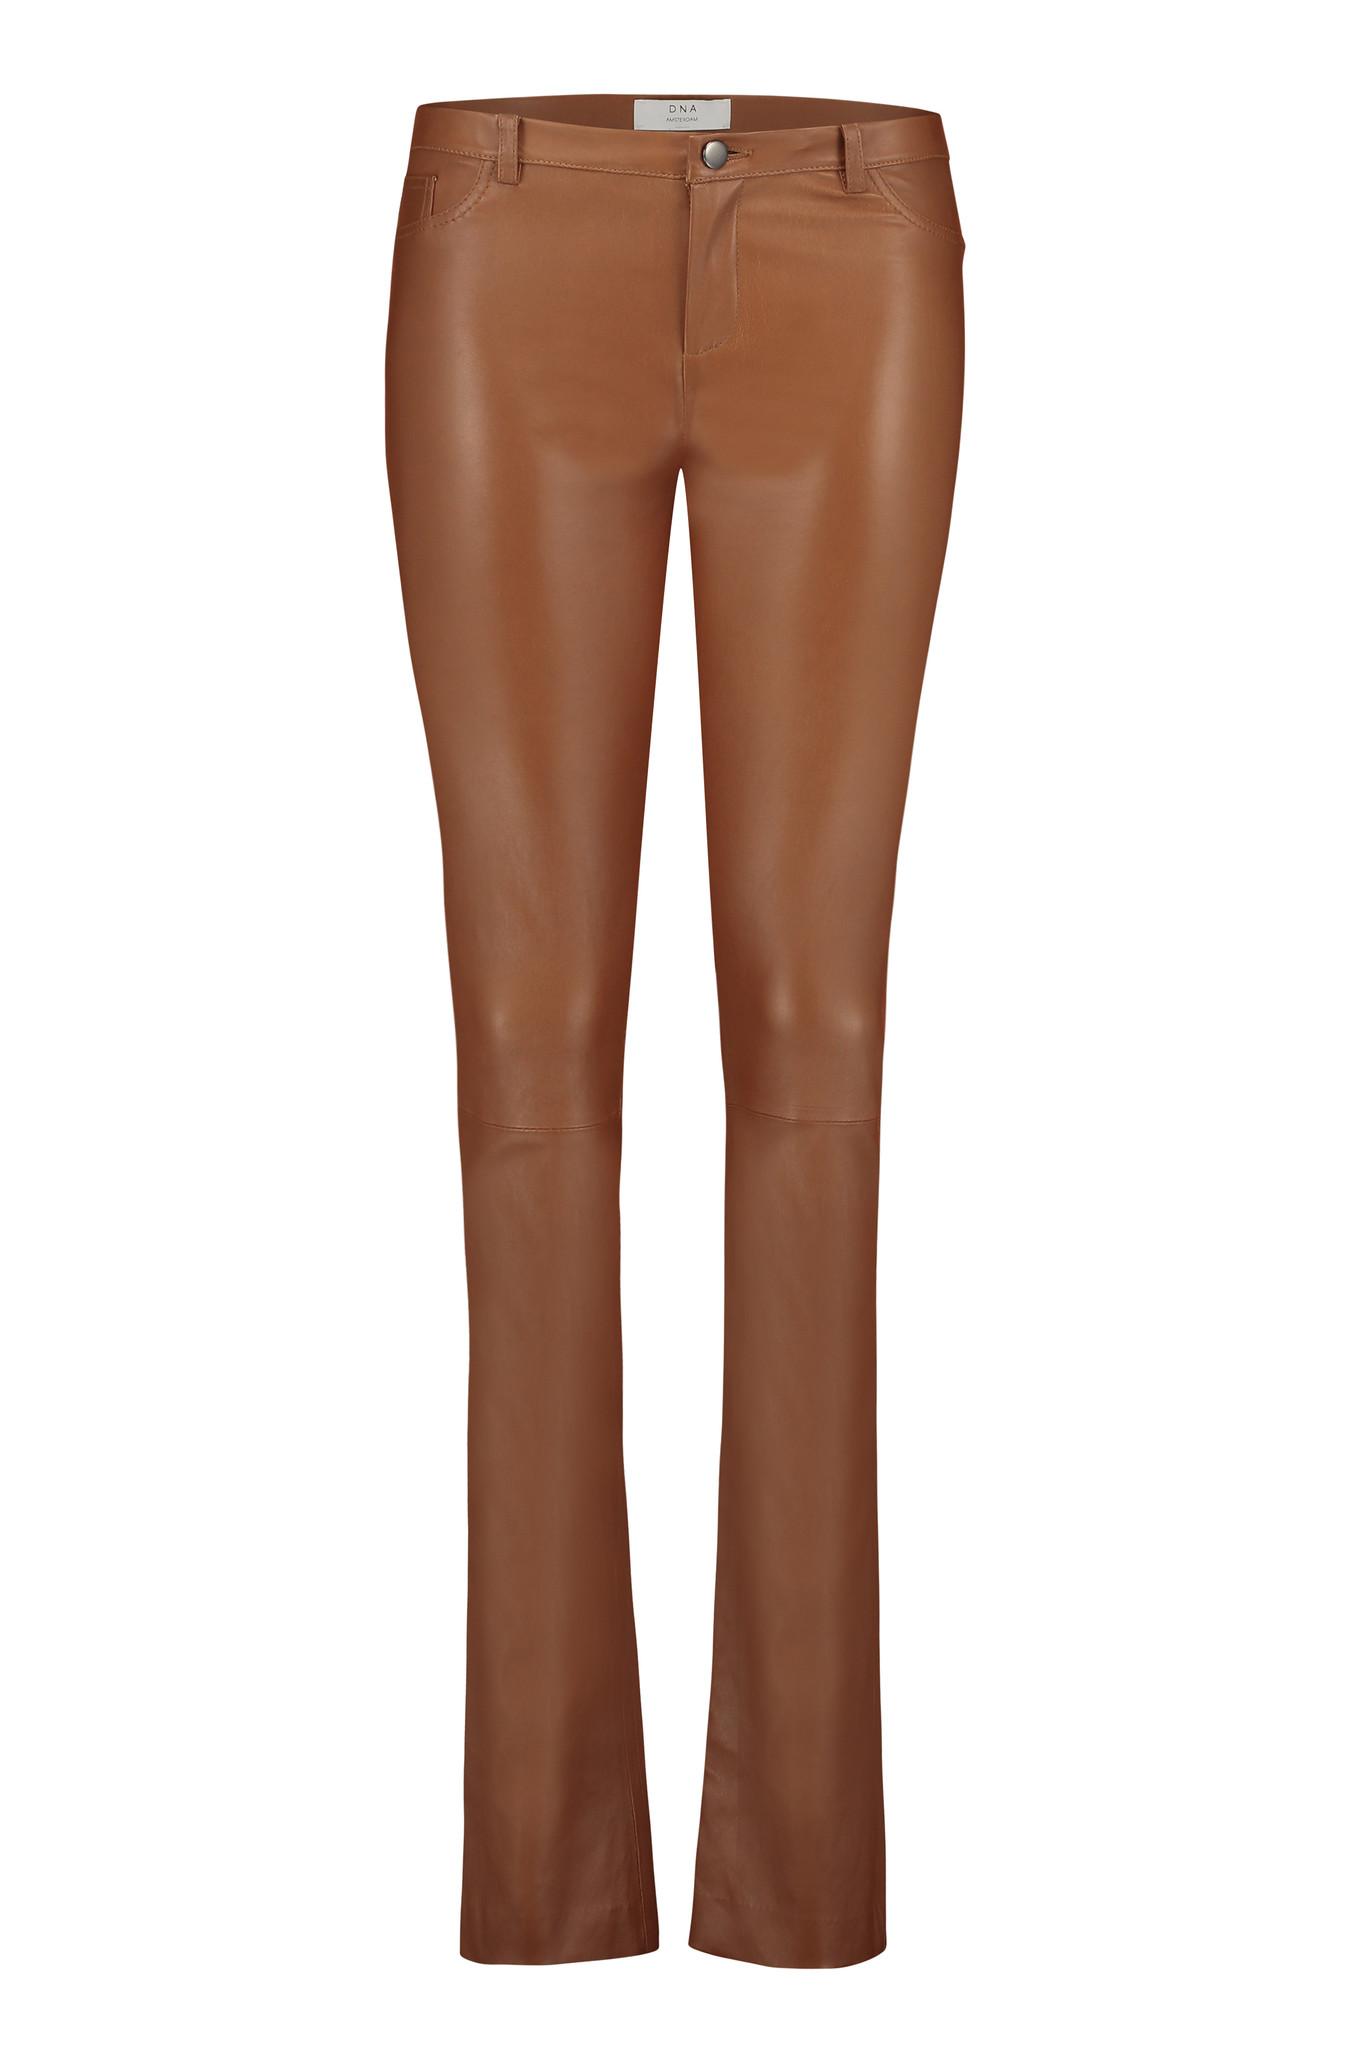 Smoke Topaz Leather Pants - Cognac-1